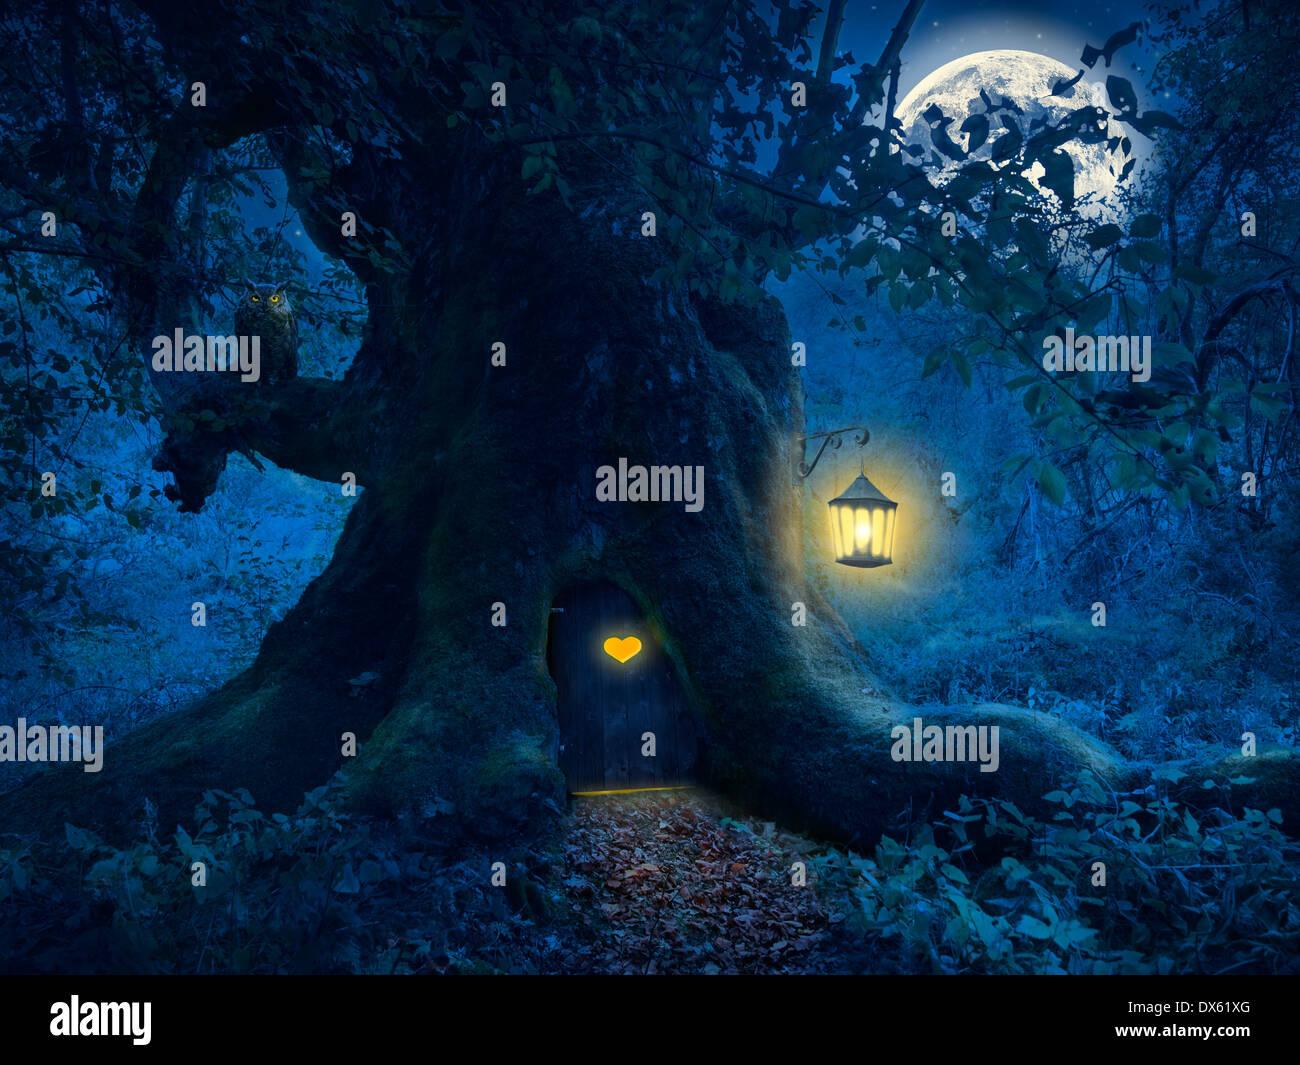 Notte magica con un po' di casa nel tronco di un antico albero nel bosco incantato. Immagini Stock